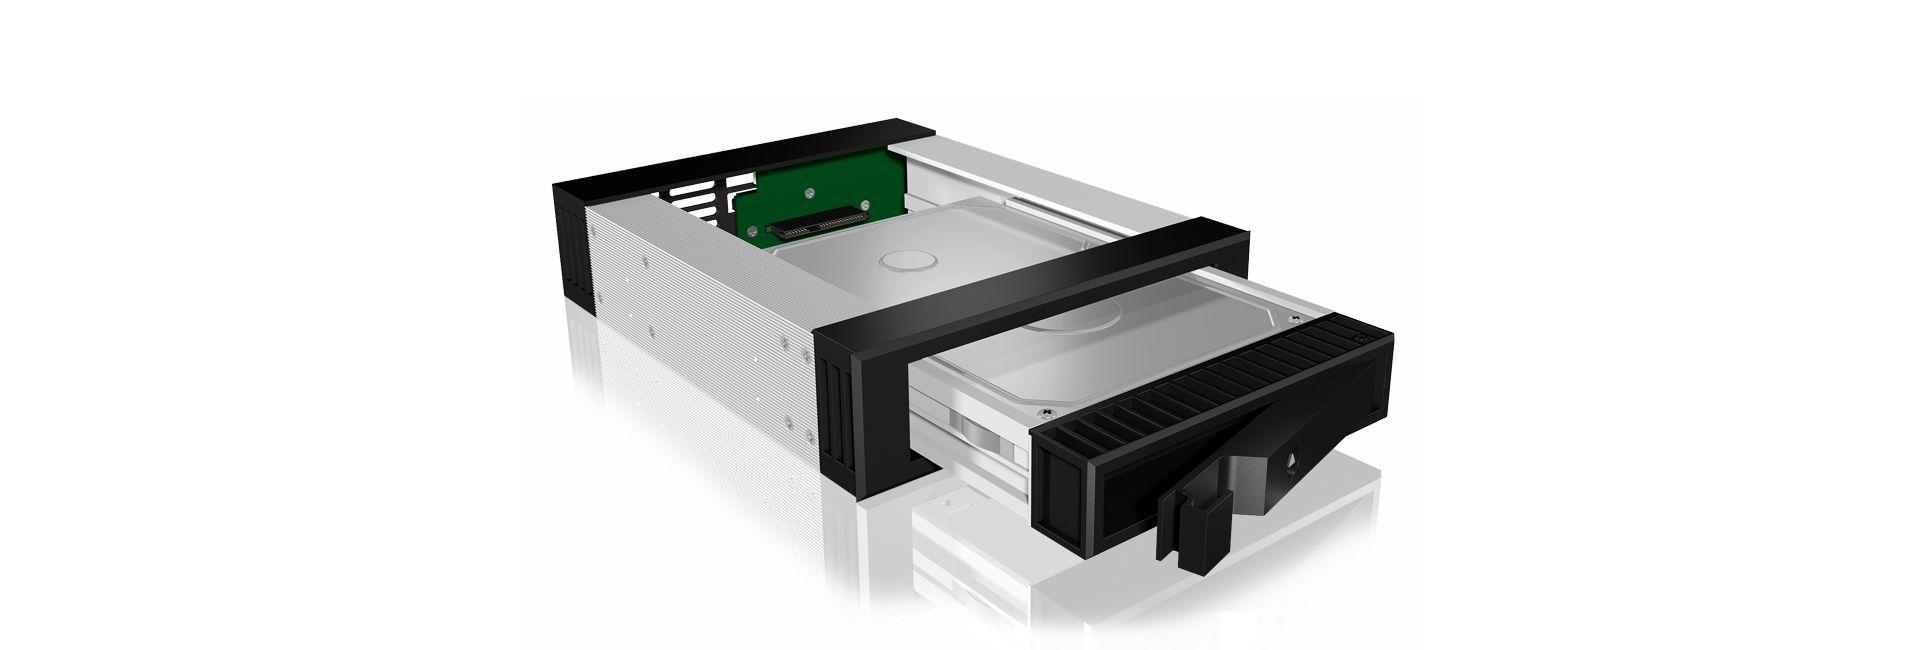 Raidsonic IcyBox IB-129SSK-B Mobile Rack for 3,5/2,5 SATA/SAS HDD Black (IB-129SSK-B)